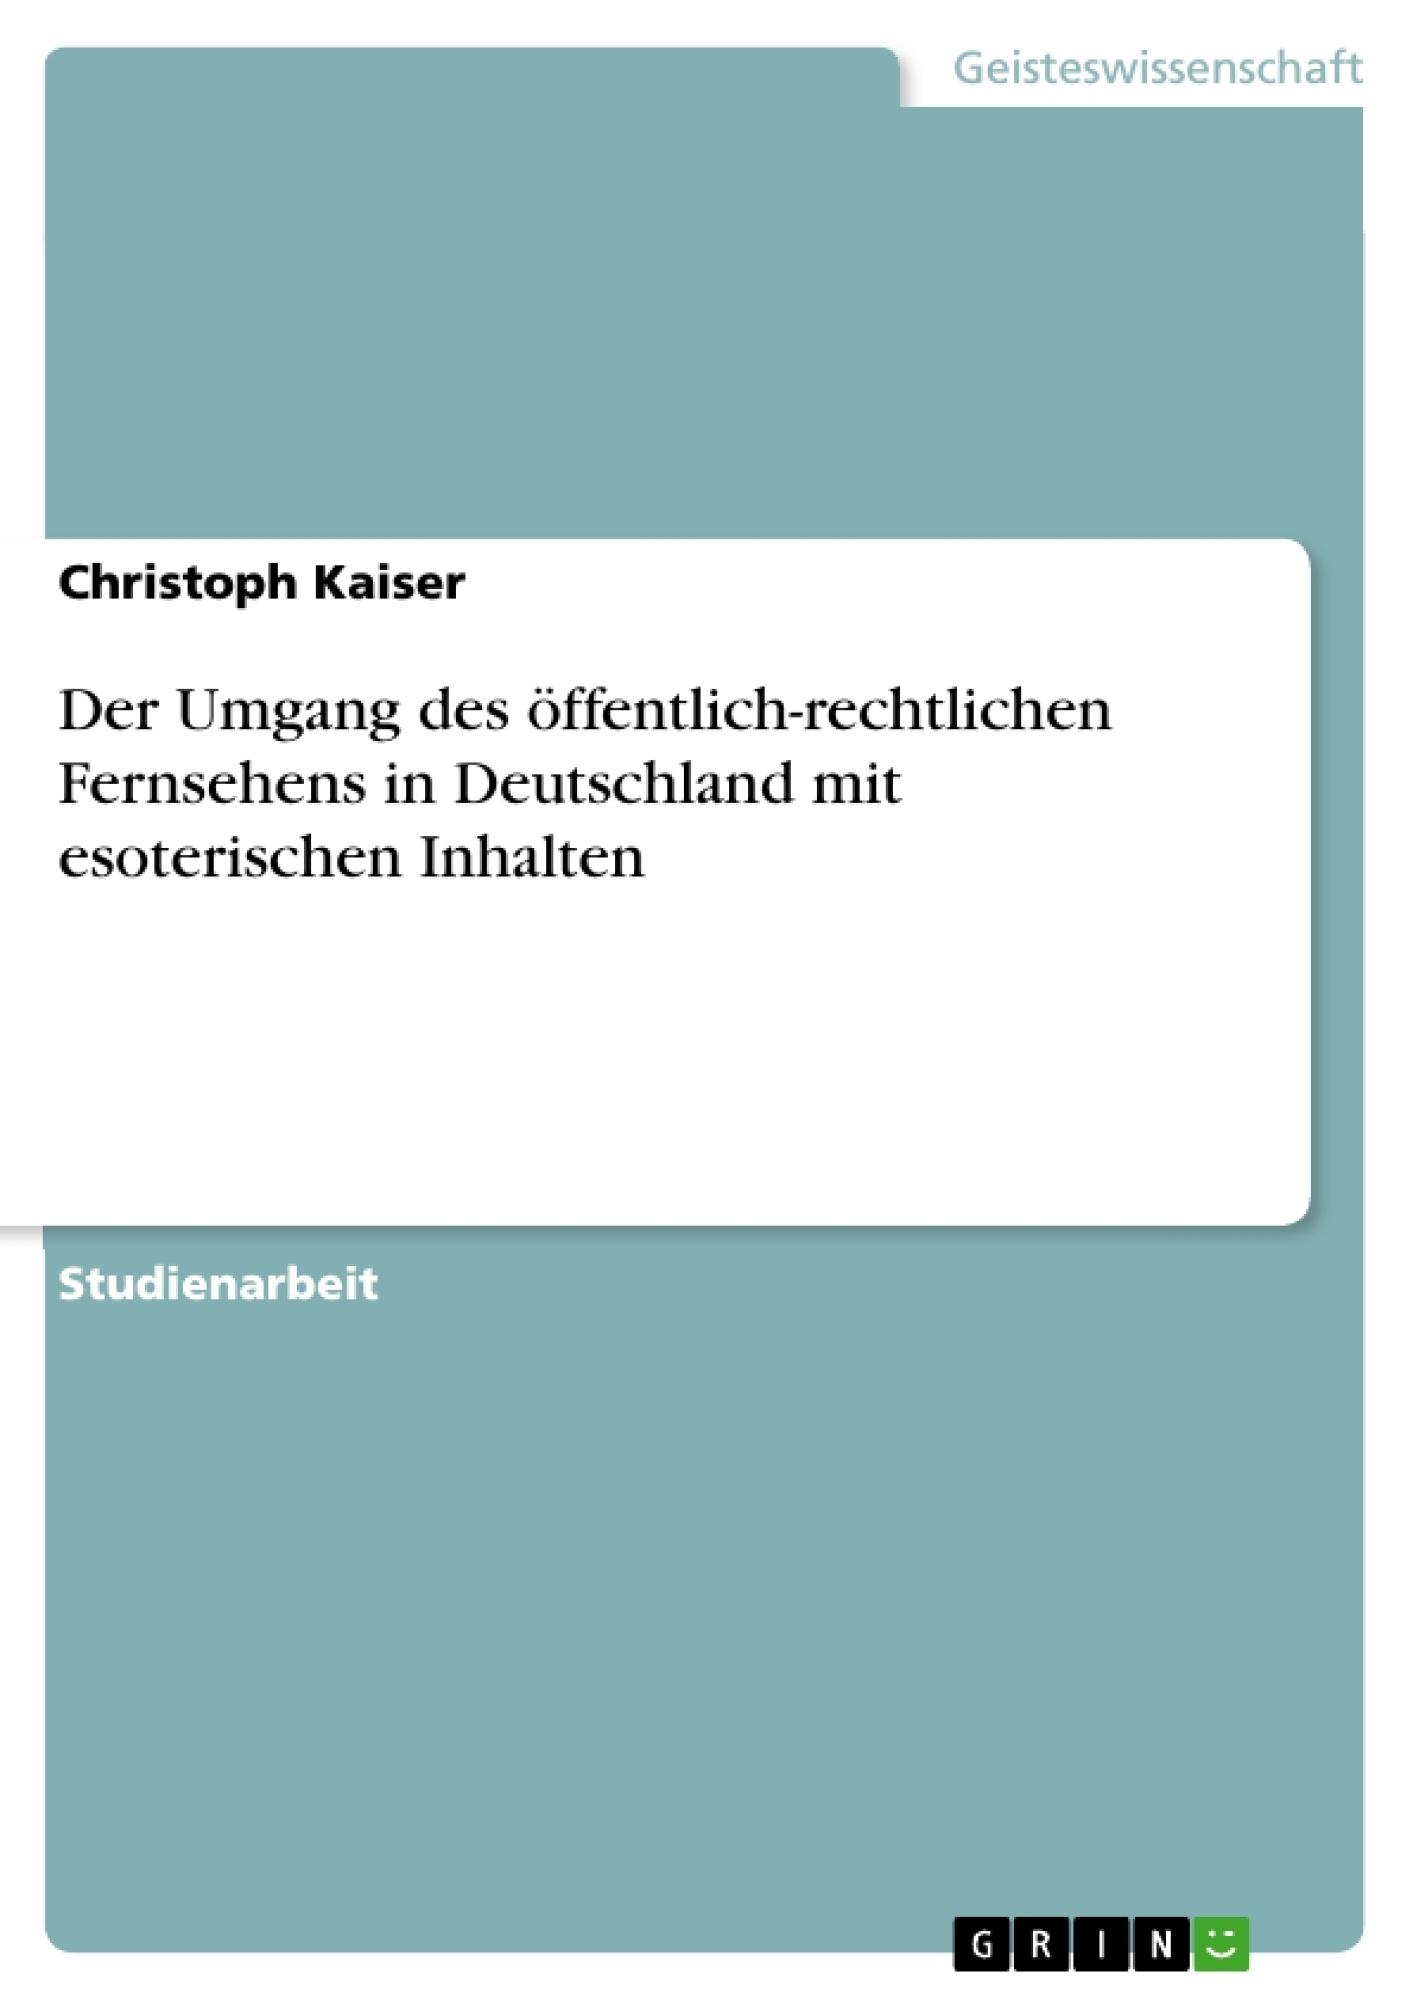 Titel: Der Umgang des öffentlich-rechtlichen Fernsehens in Deutschland mit esoterischen Inhalten